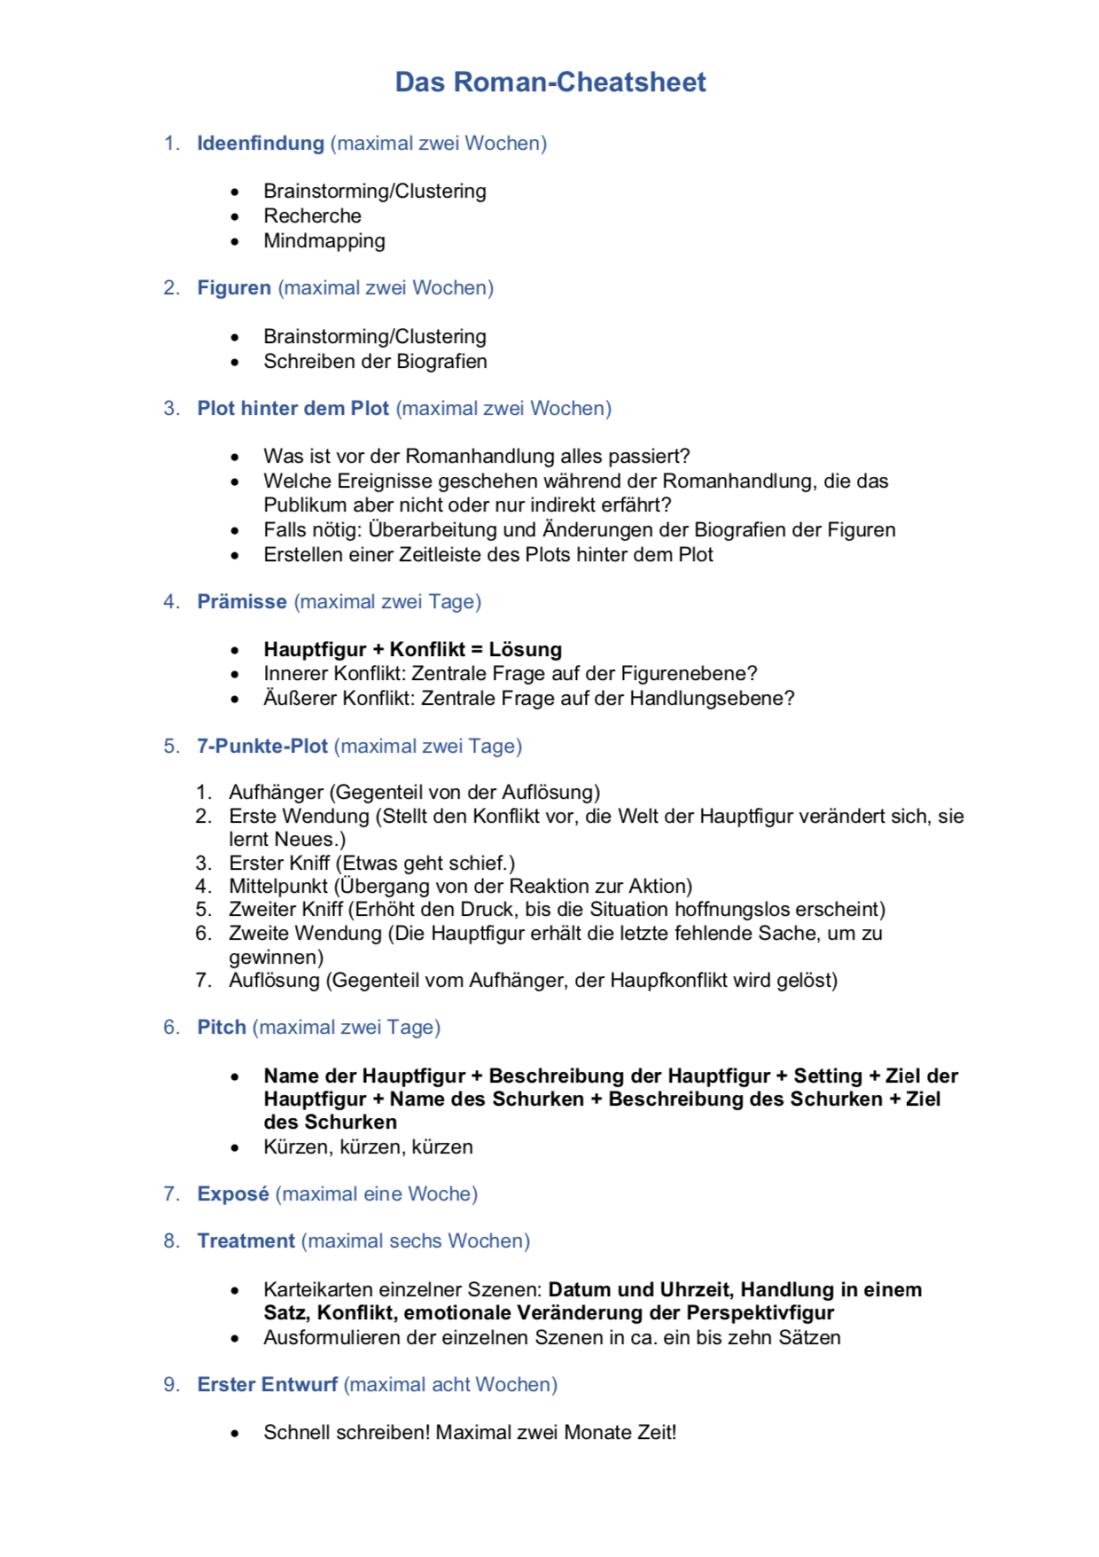 Das Roman Chat-Sheet als PDF